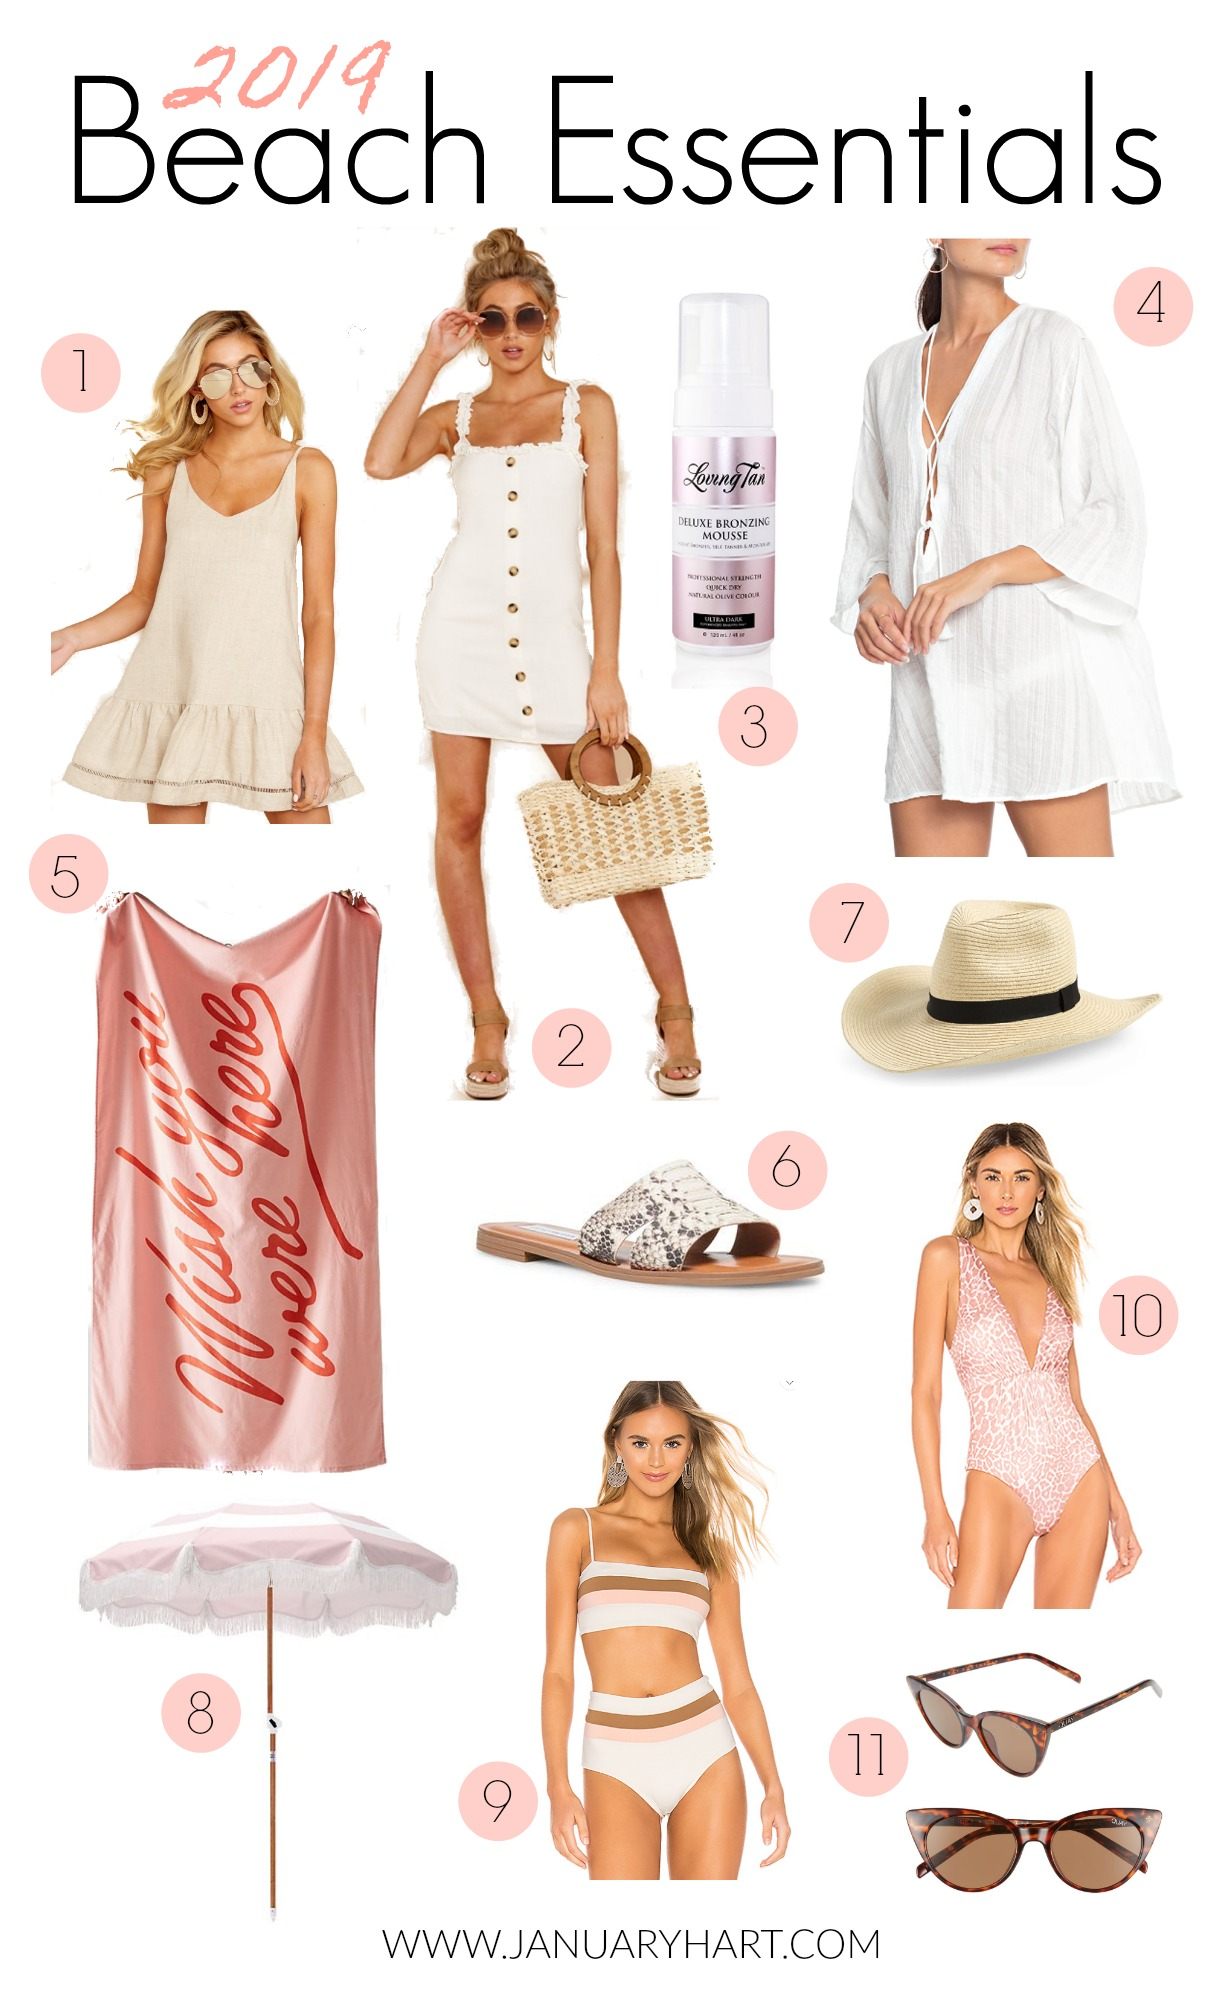 beach essentials to have